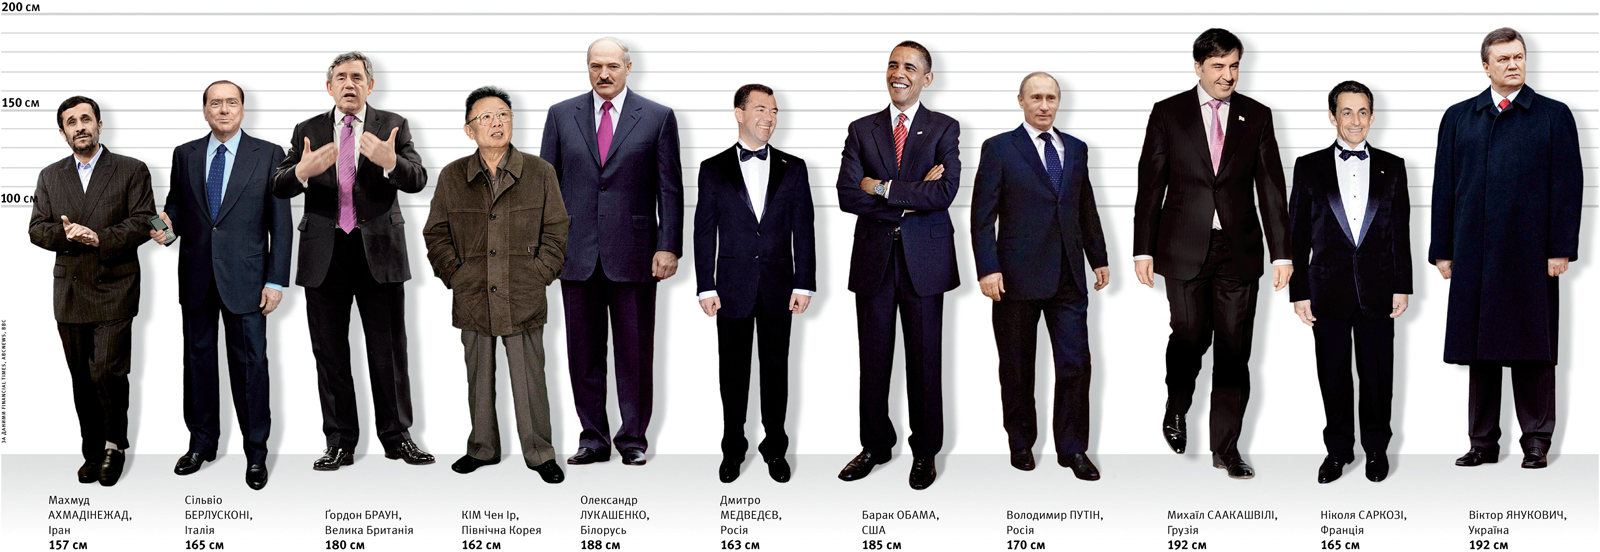 Рост Путина в см фото